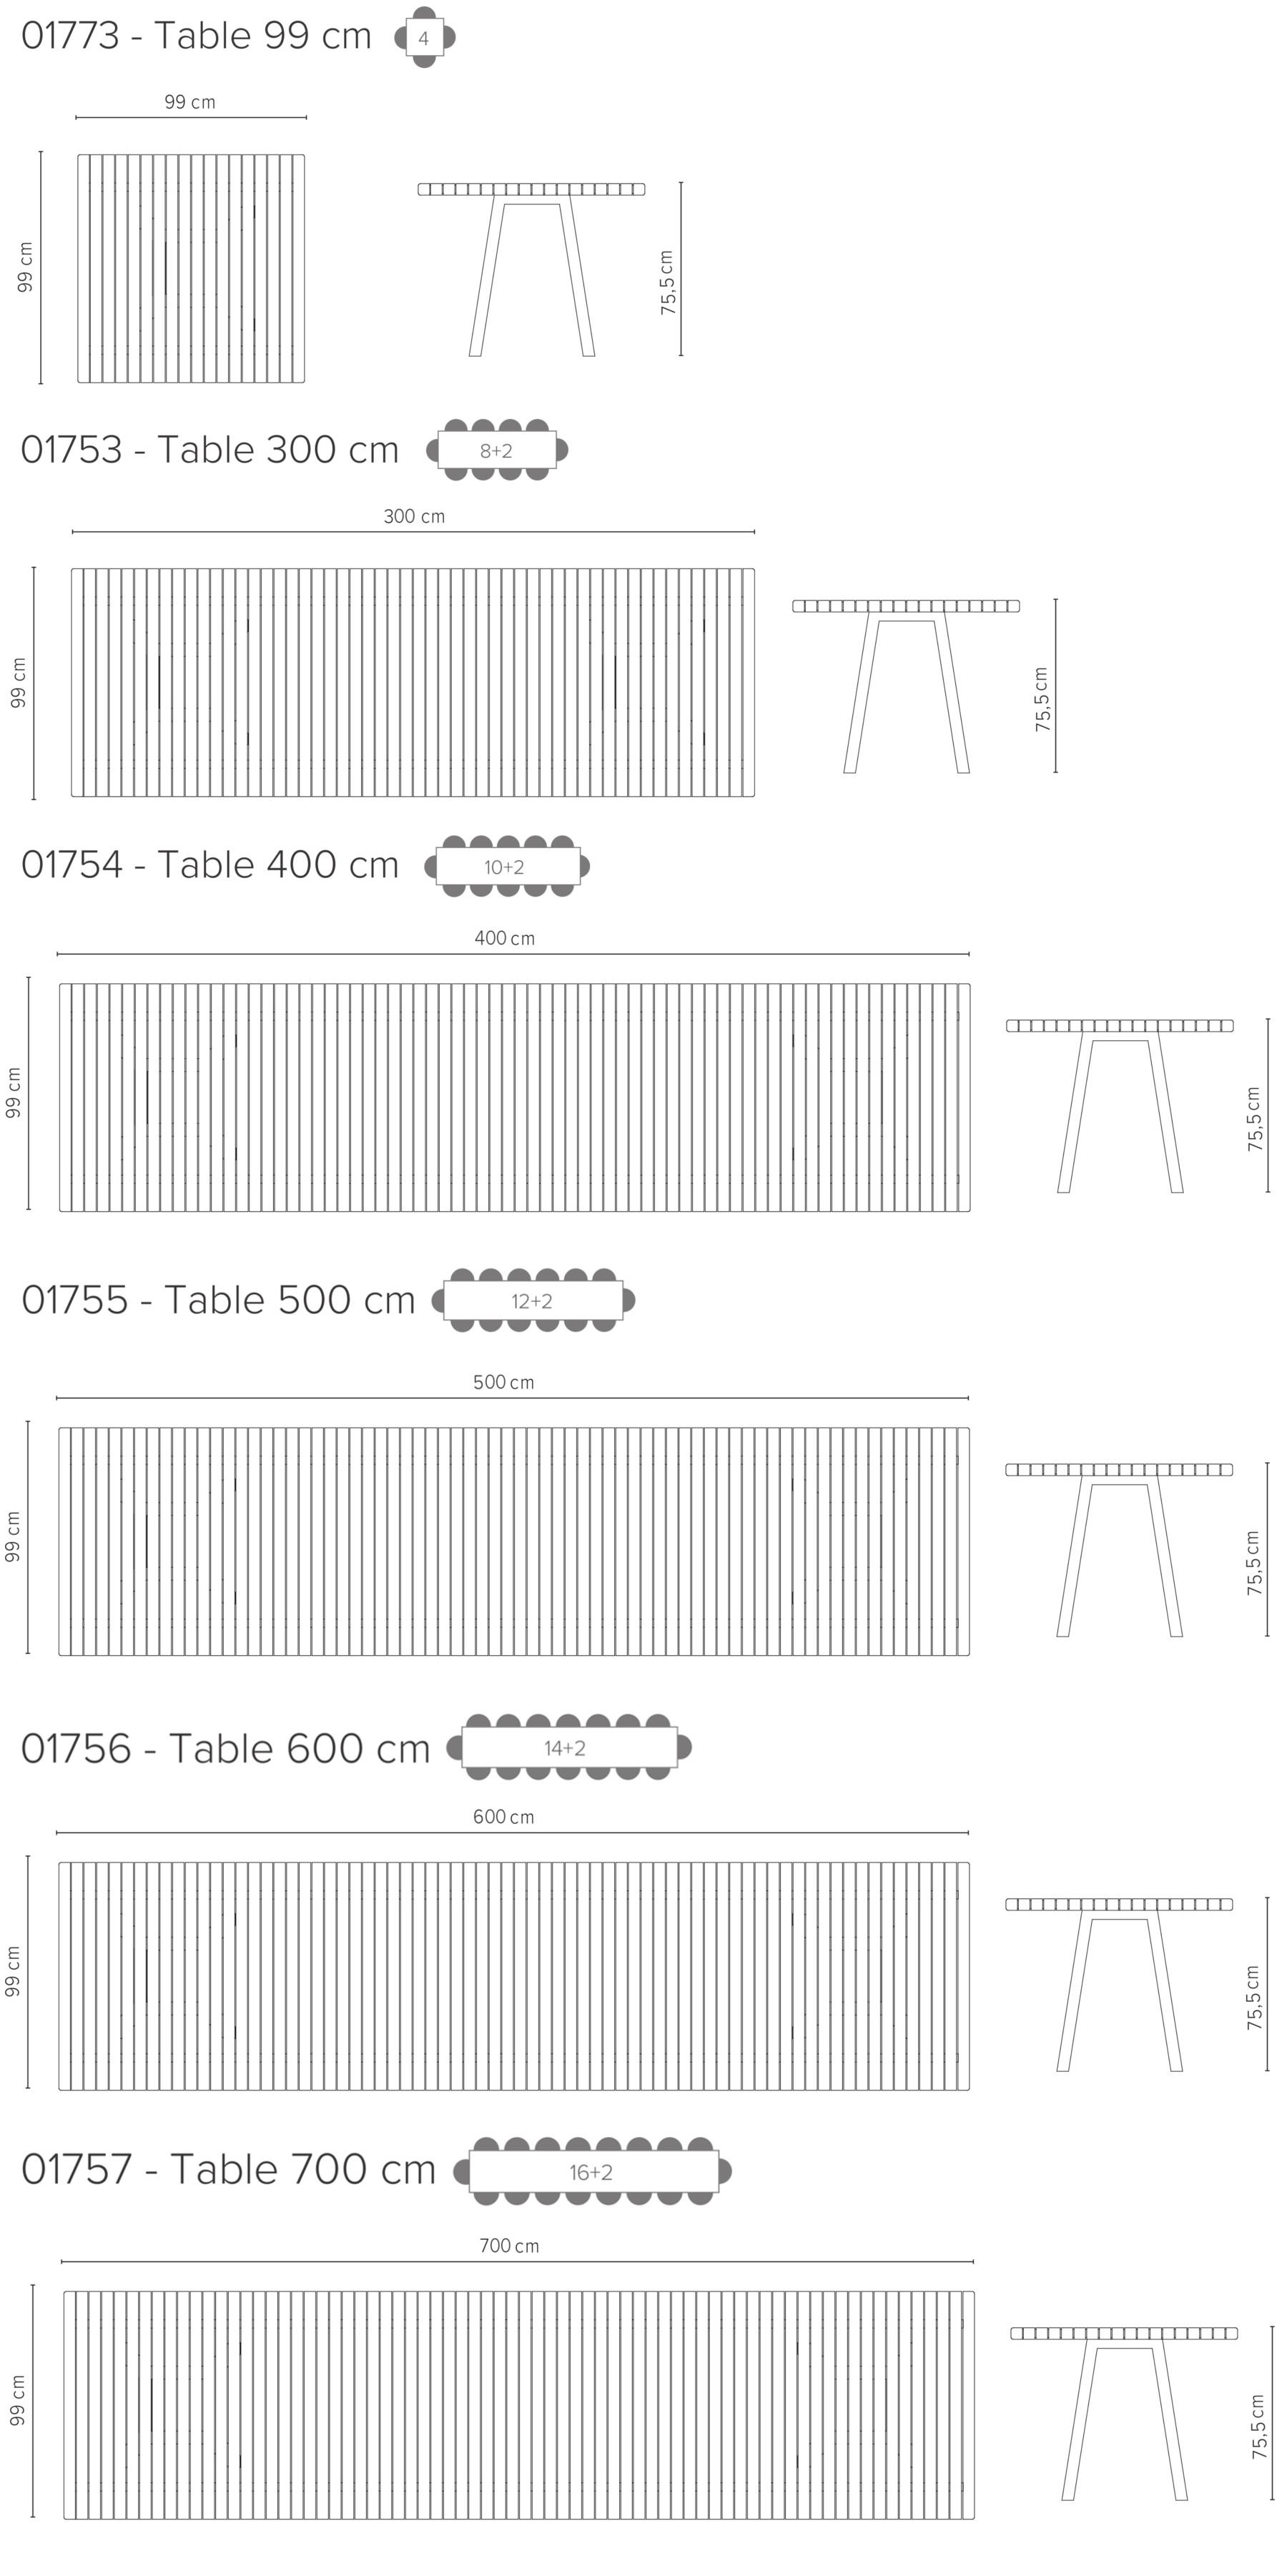 Dimensioni Tavolo Pranzo 12 Persone vis À vis tavolo | tavoli fissi | tavoli | tribu - masonionline